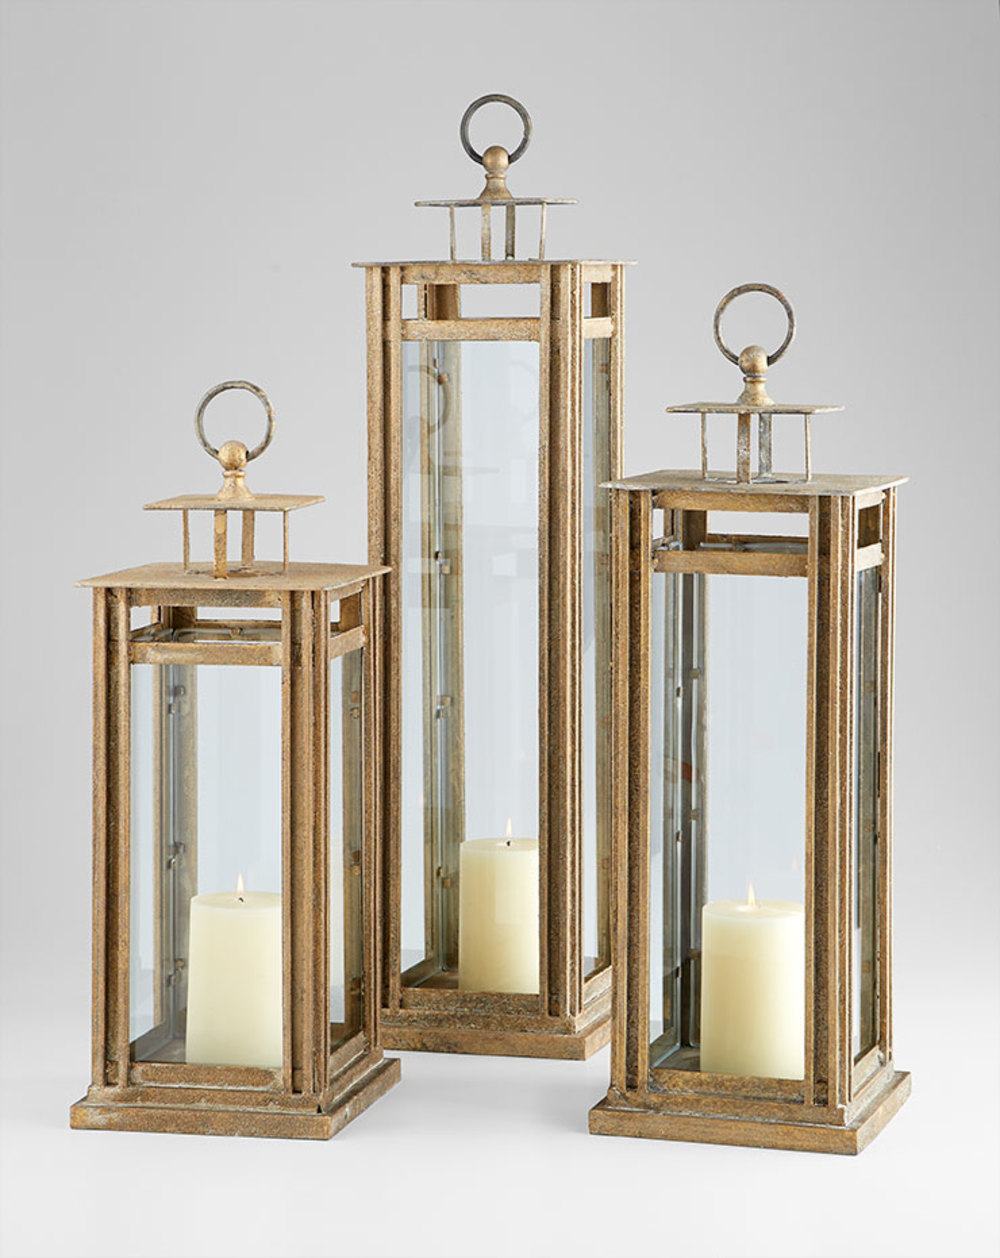 Cyan Designs - Medium Tower Candleholder